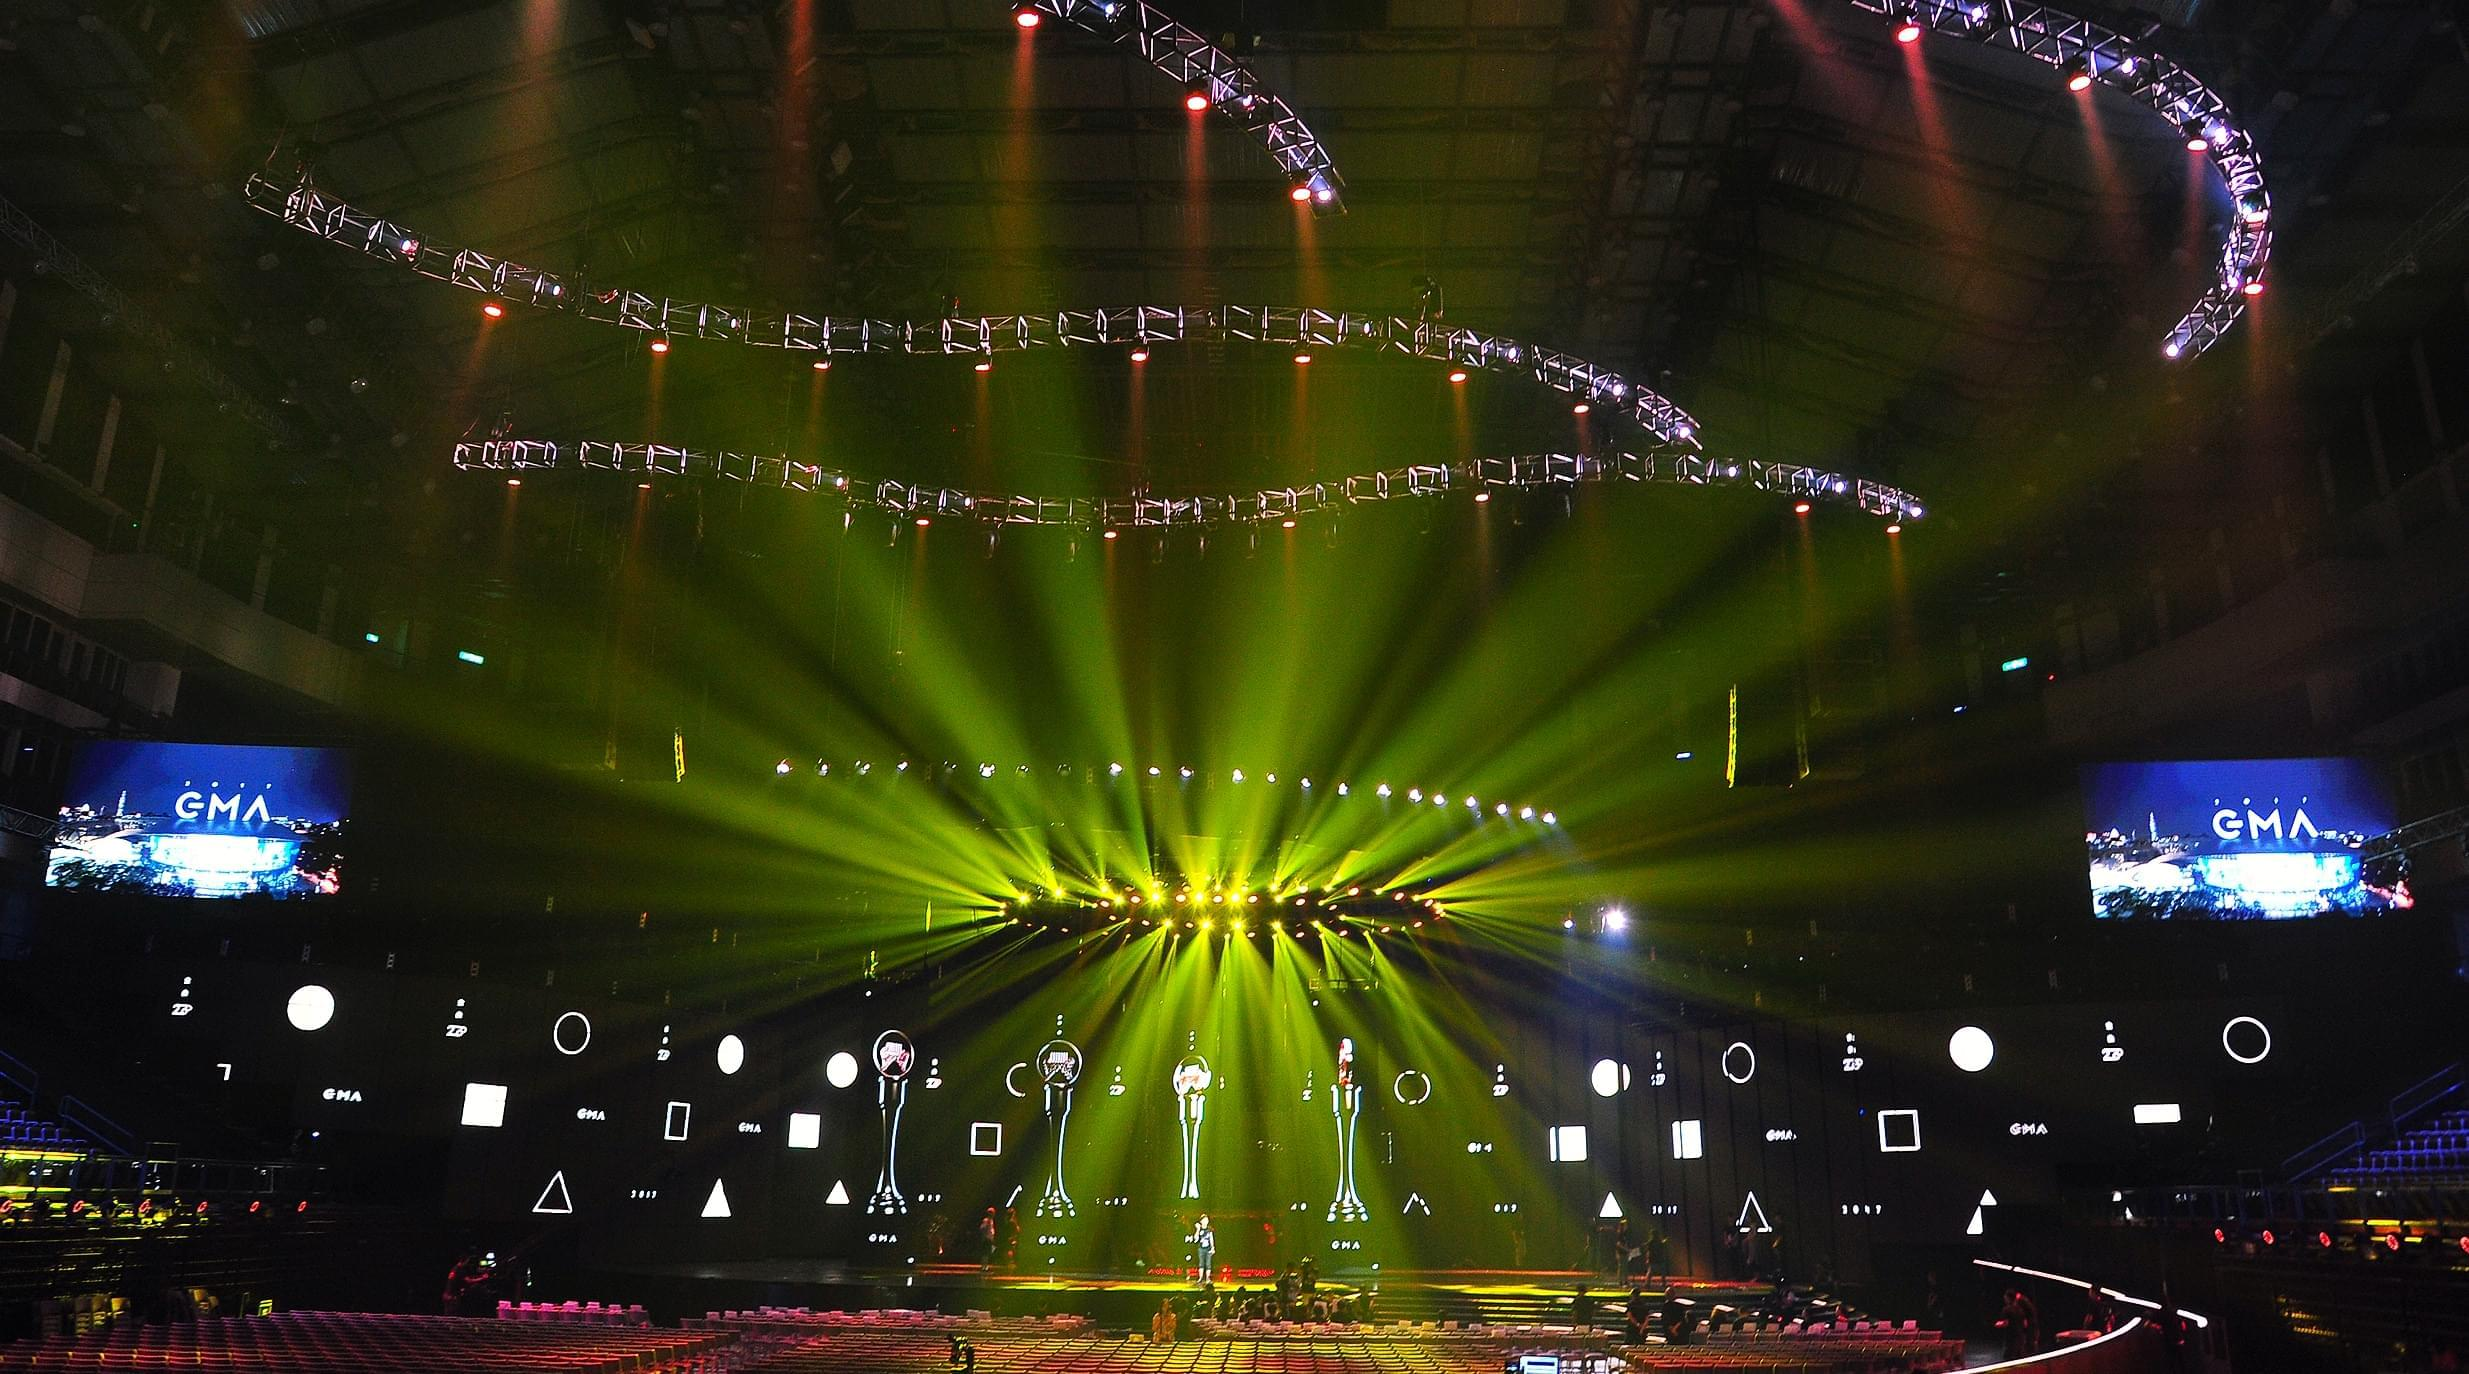 金曲巨型舞台视觉超过百米创下小巨蛋舞台纪录